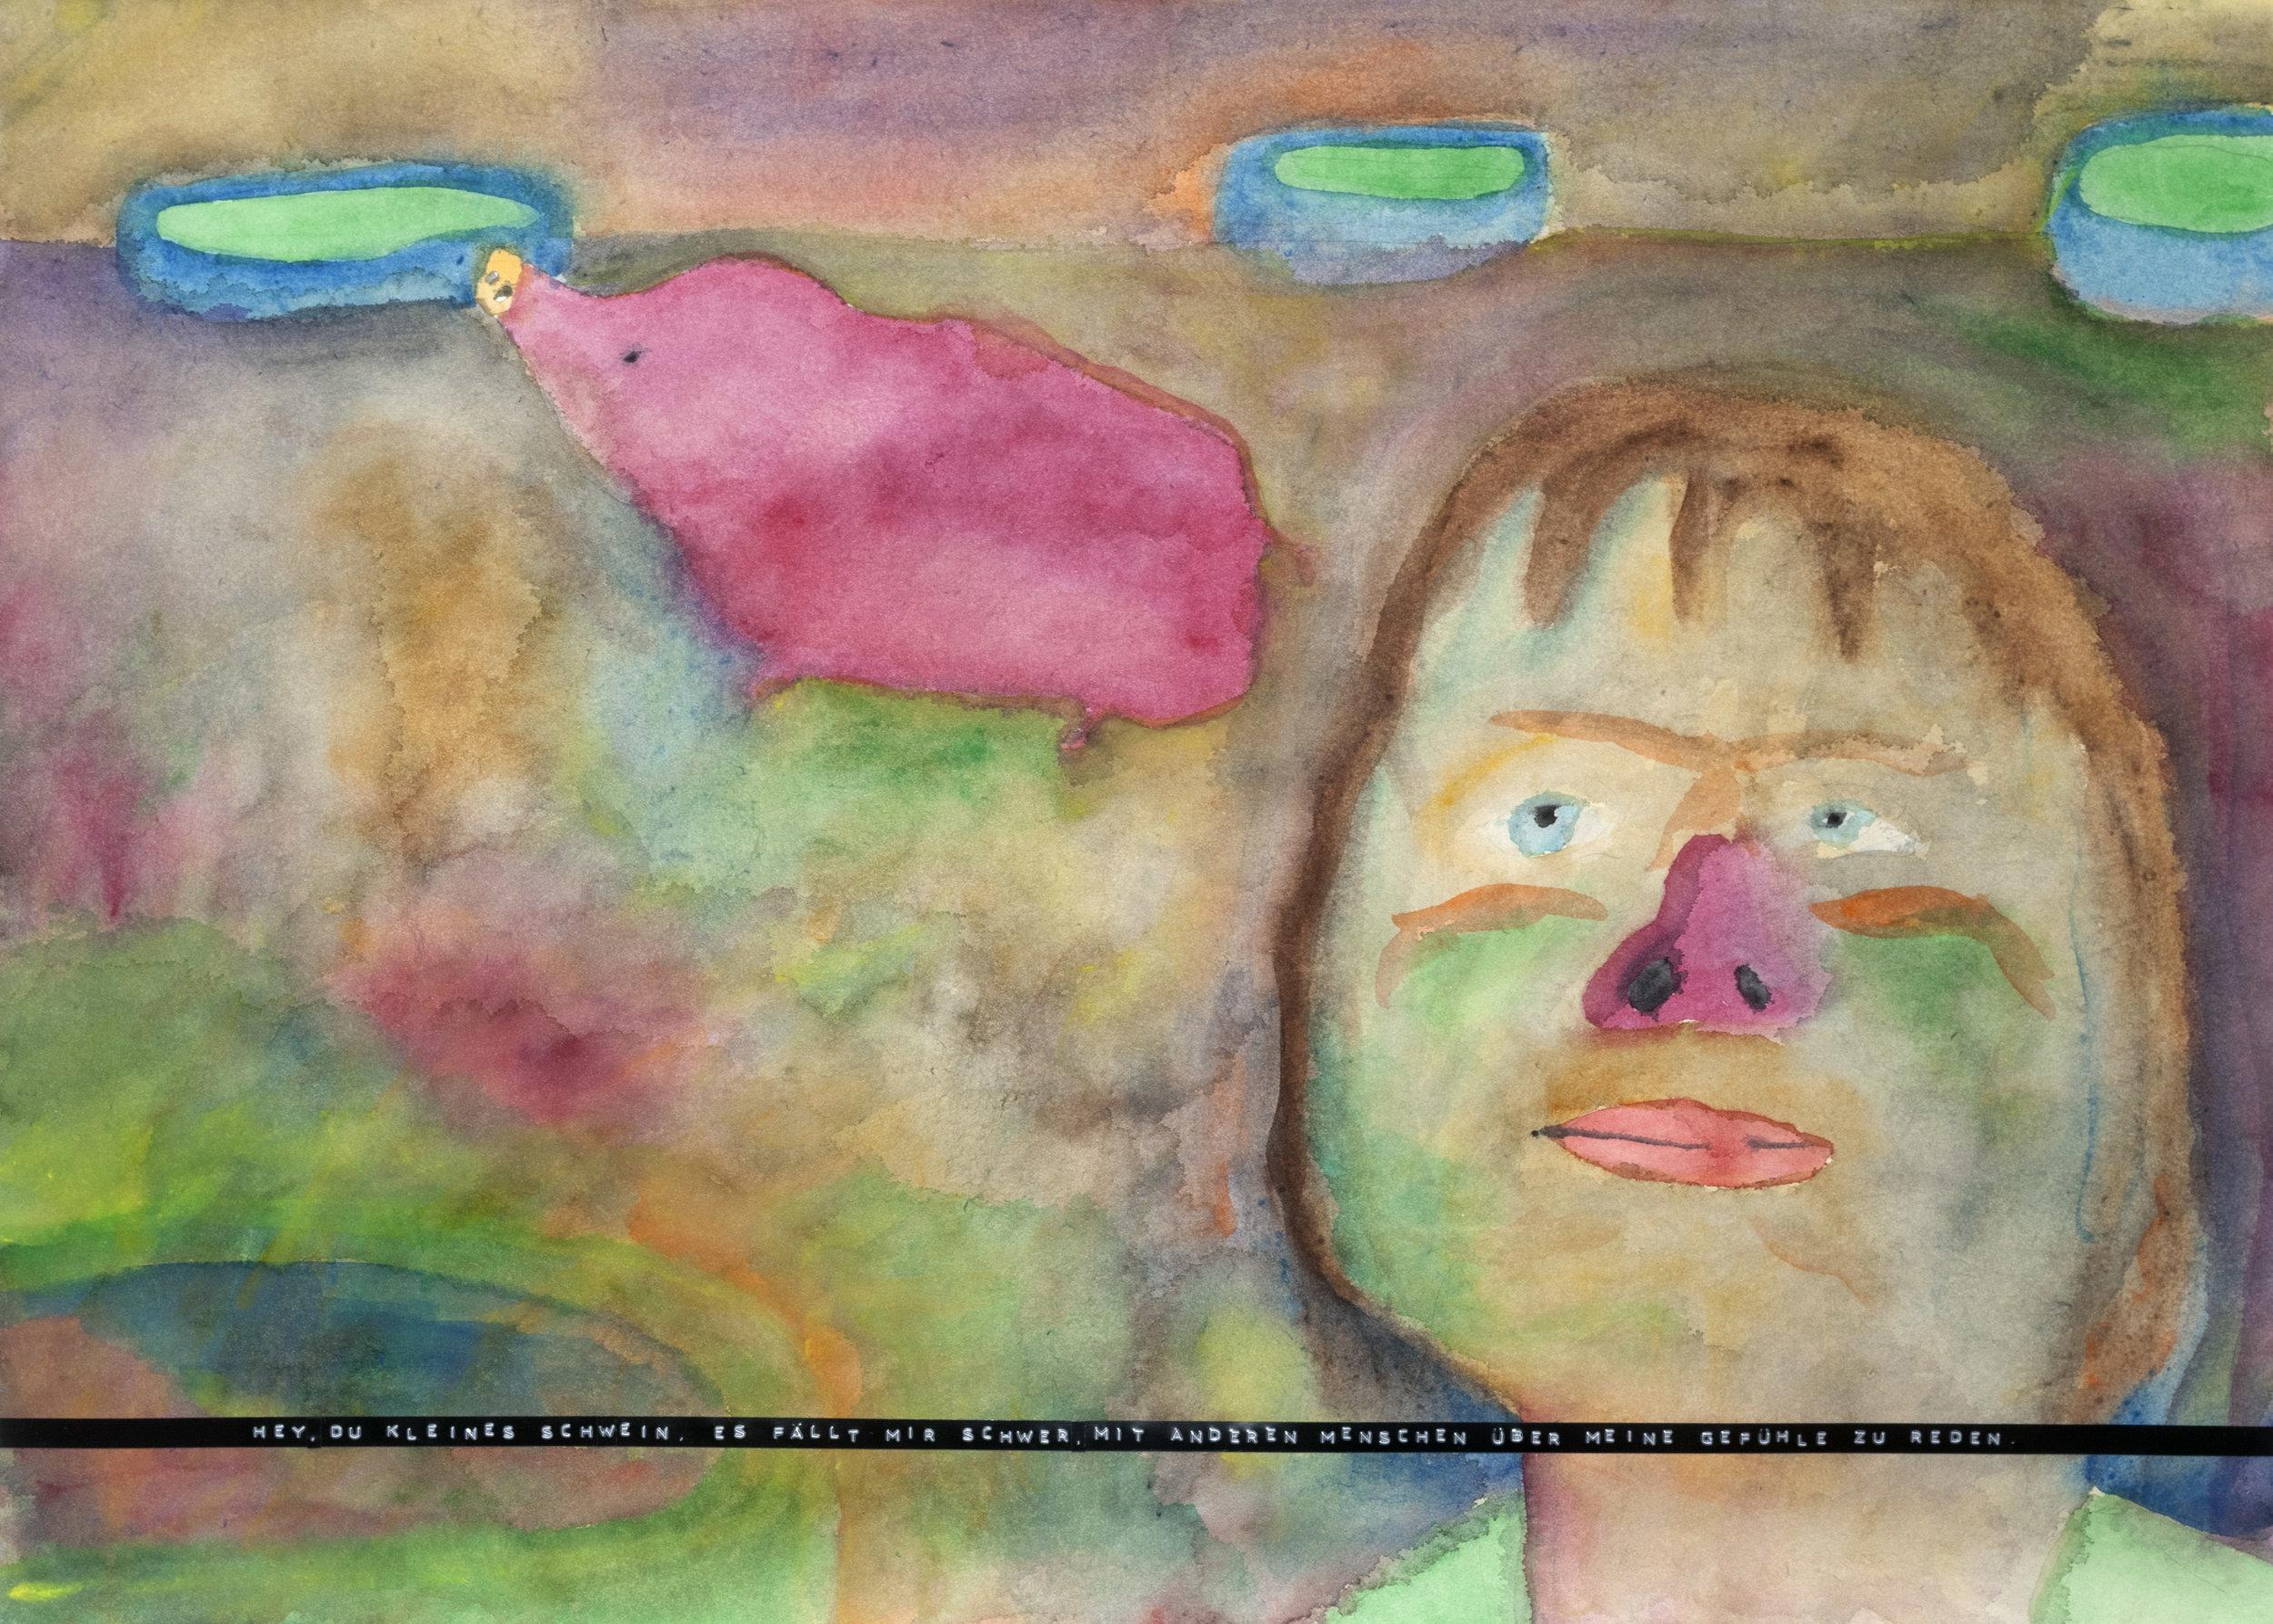 Sebastian Jung, Hey, du kleines Schwein, es fällt mir schwer, mit anderen Menschen über meine Gefühle zu reden., 2016, watercolor, pencil and labelmaker tape on paper, 50 x 70 cm